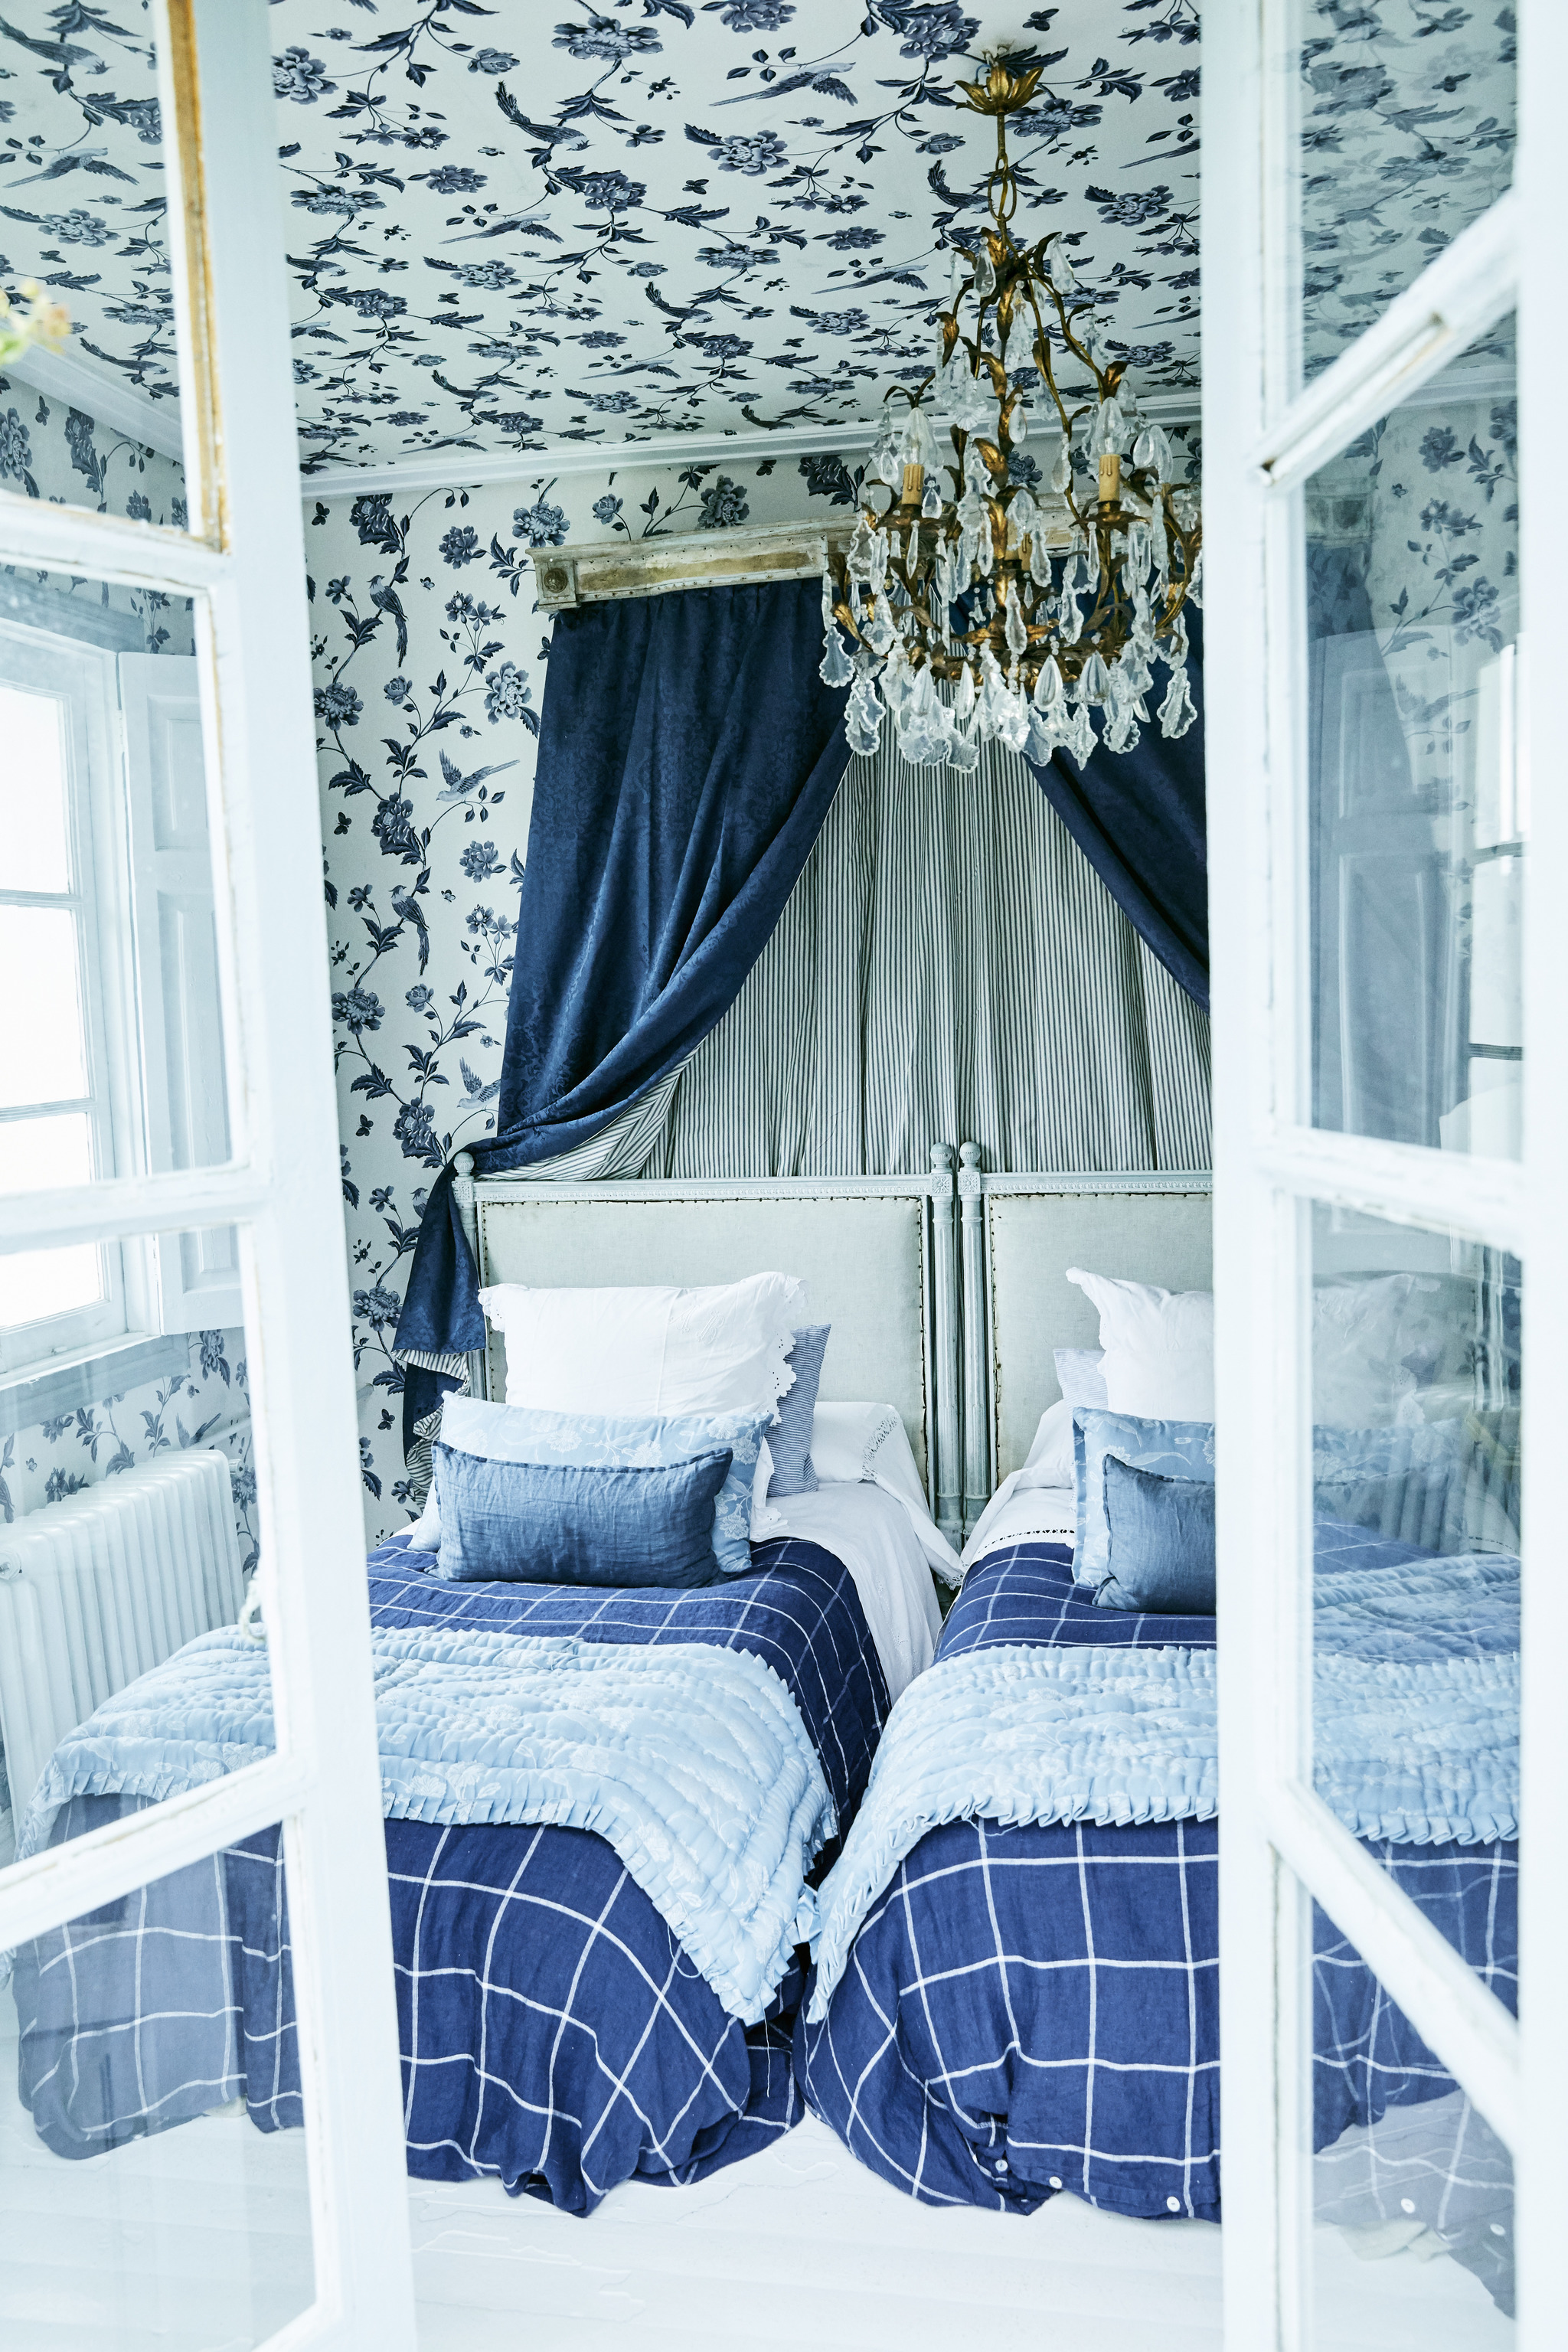 Ventila las habitaciones a diario, la falta de aire fresco favorece la transmisión del virus.